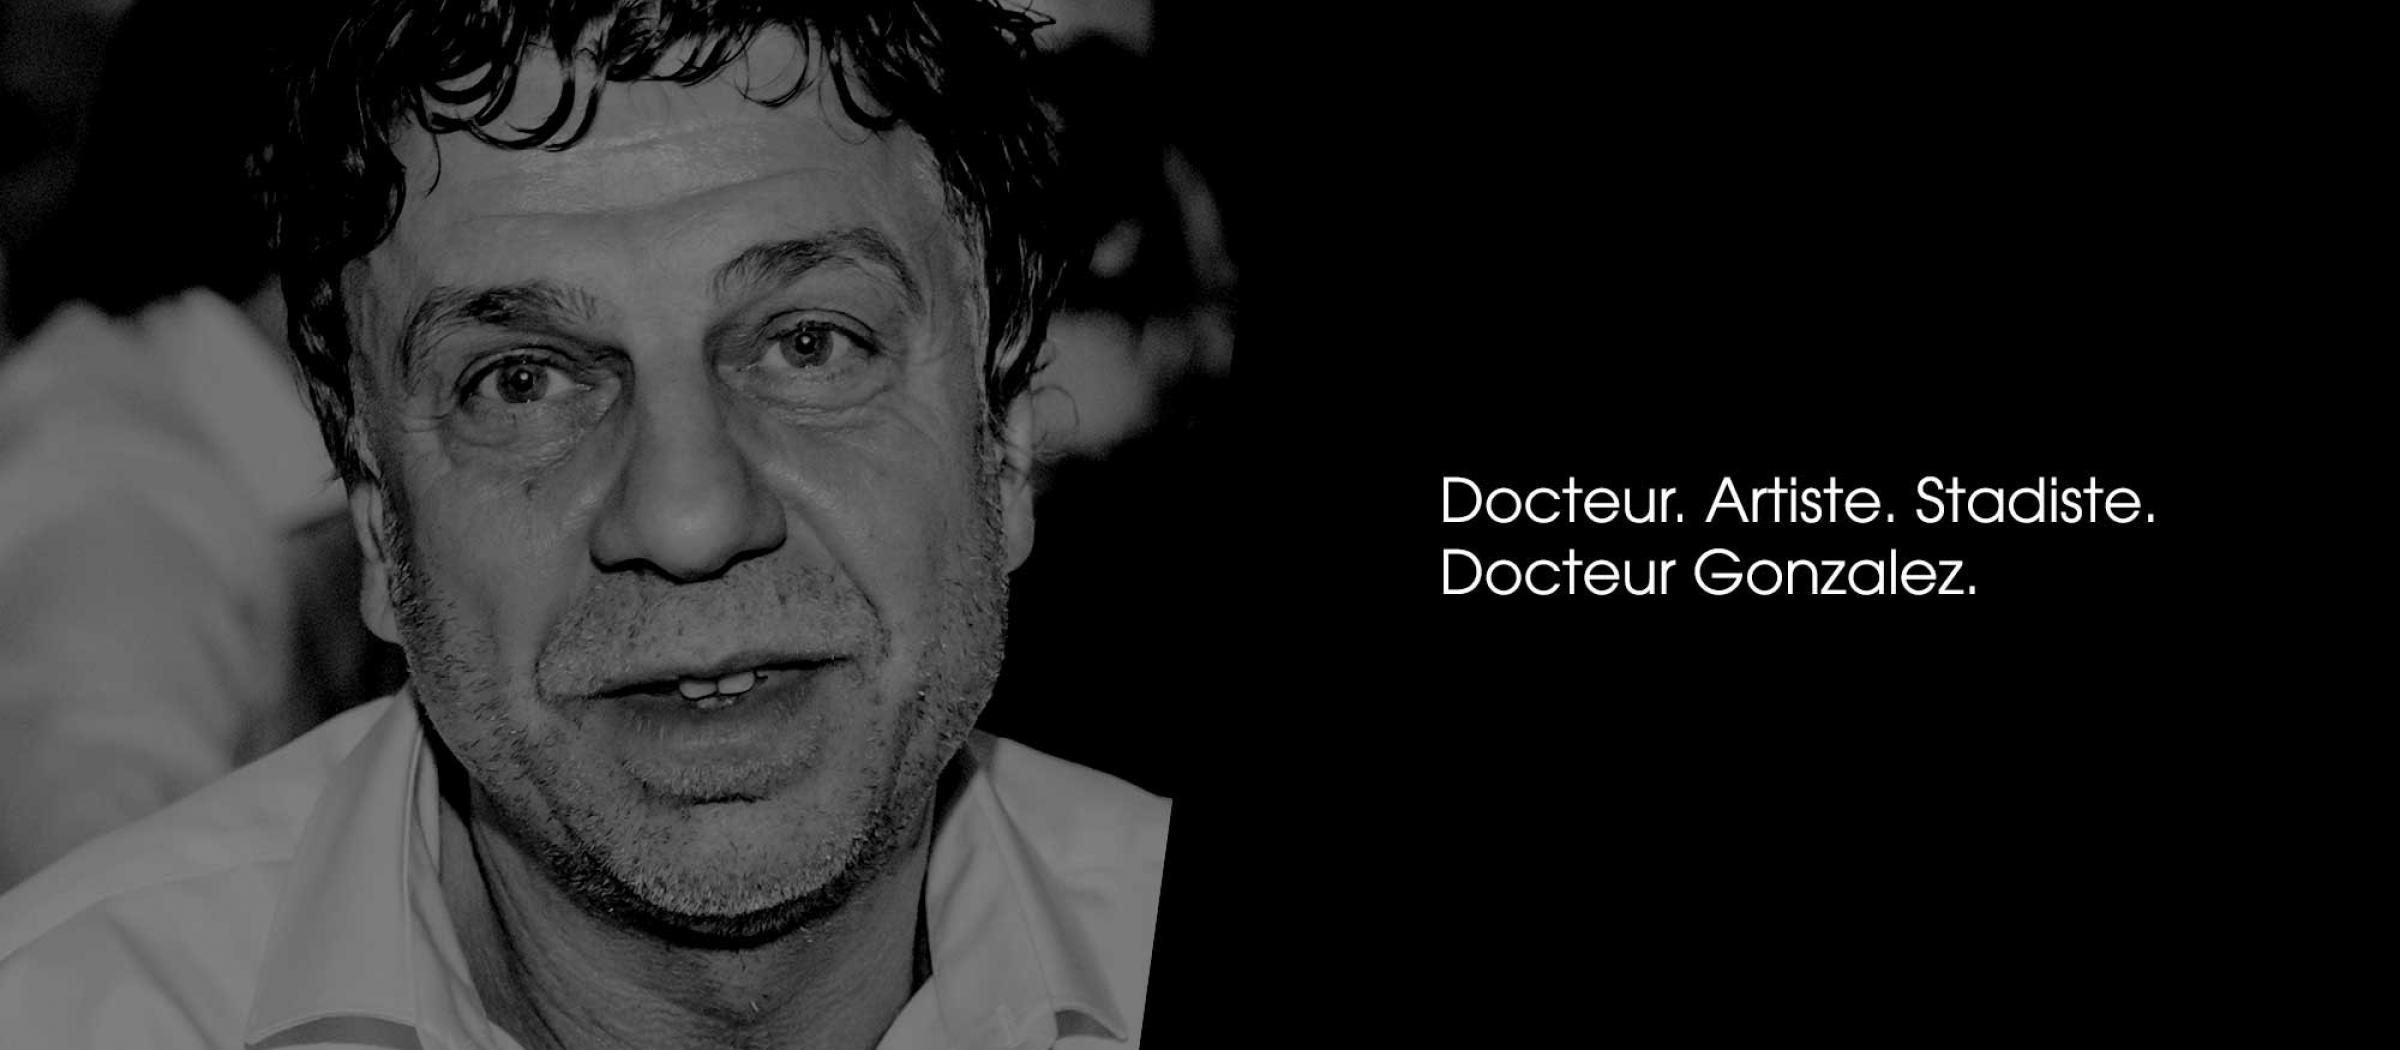 Suicidou-se médico do Stade Reims contaminado com COVID-19